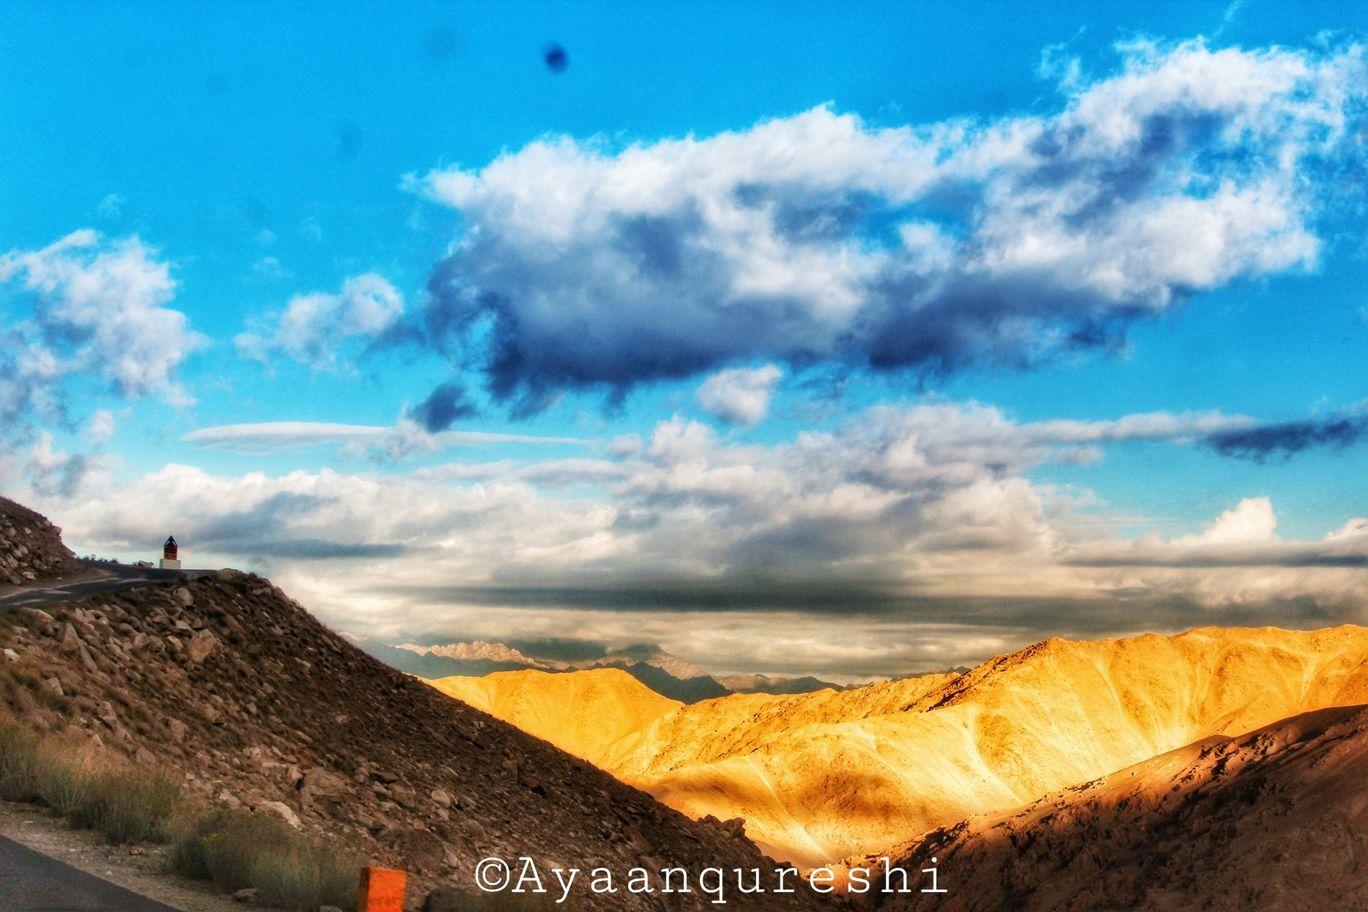 Photo of Pangong Lake By AyaAn Qureshi